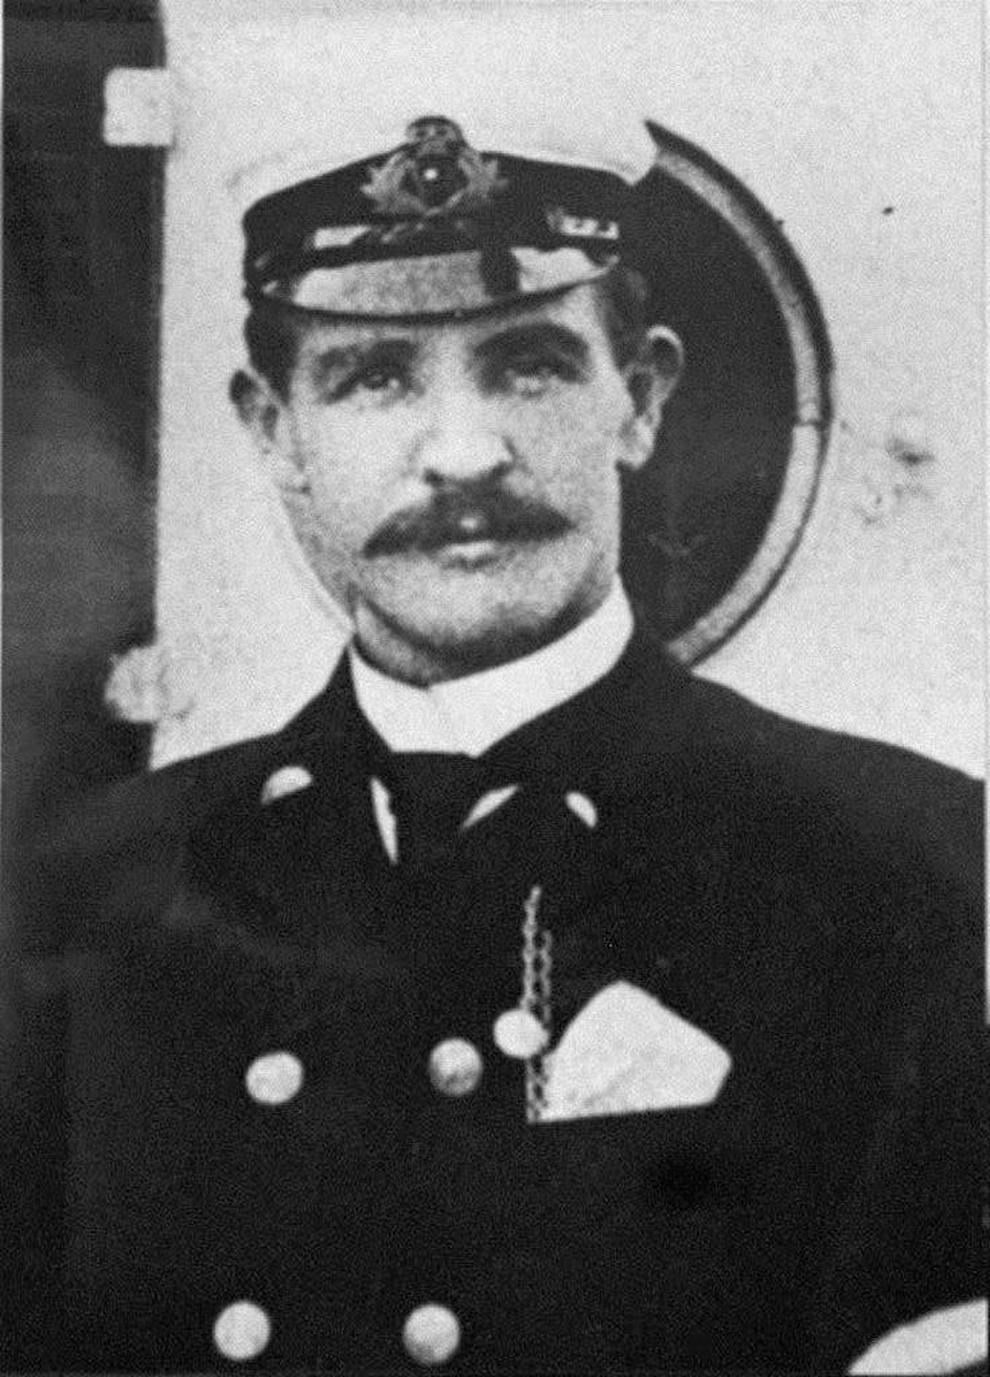 Il y a 100 ans, le naufrage du paquebot Titanic Bp8